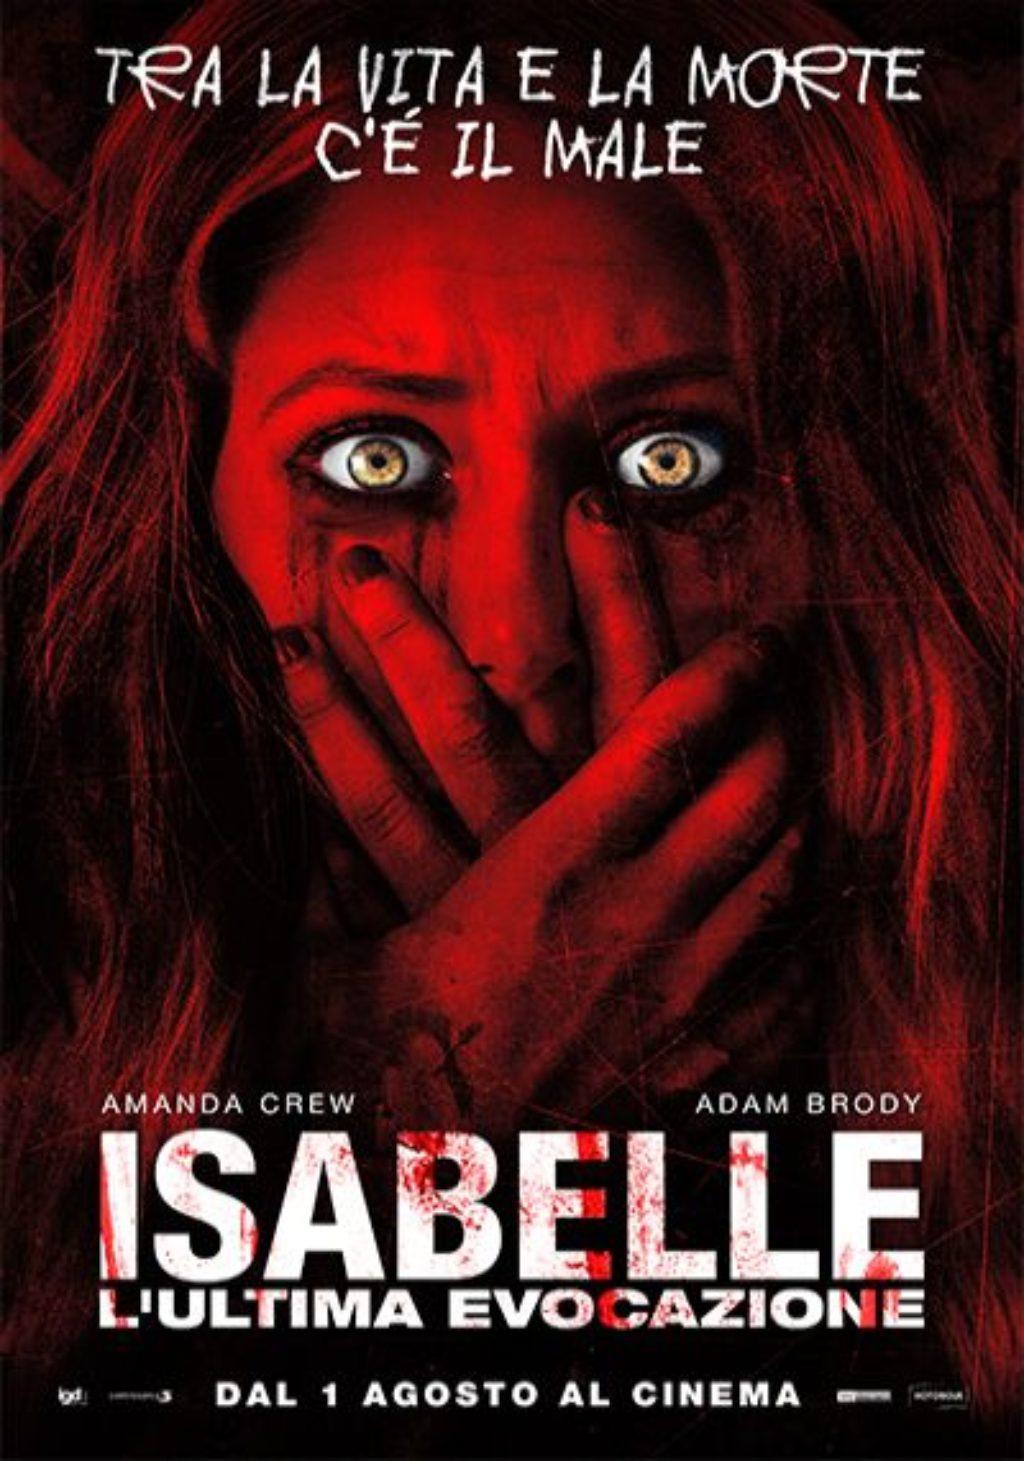 isabelle_big